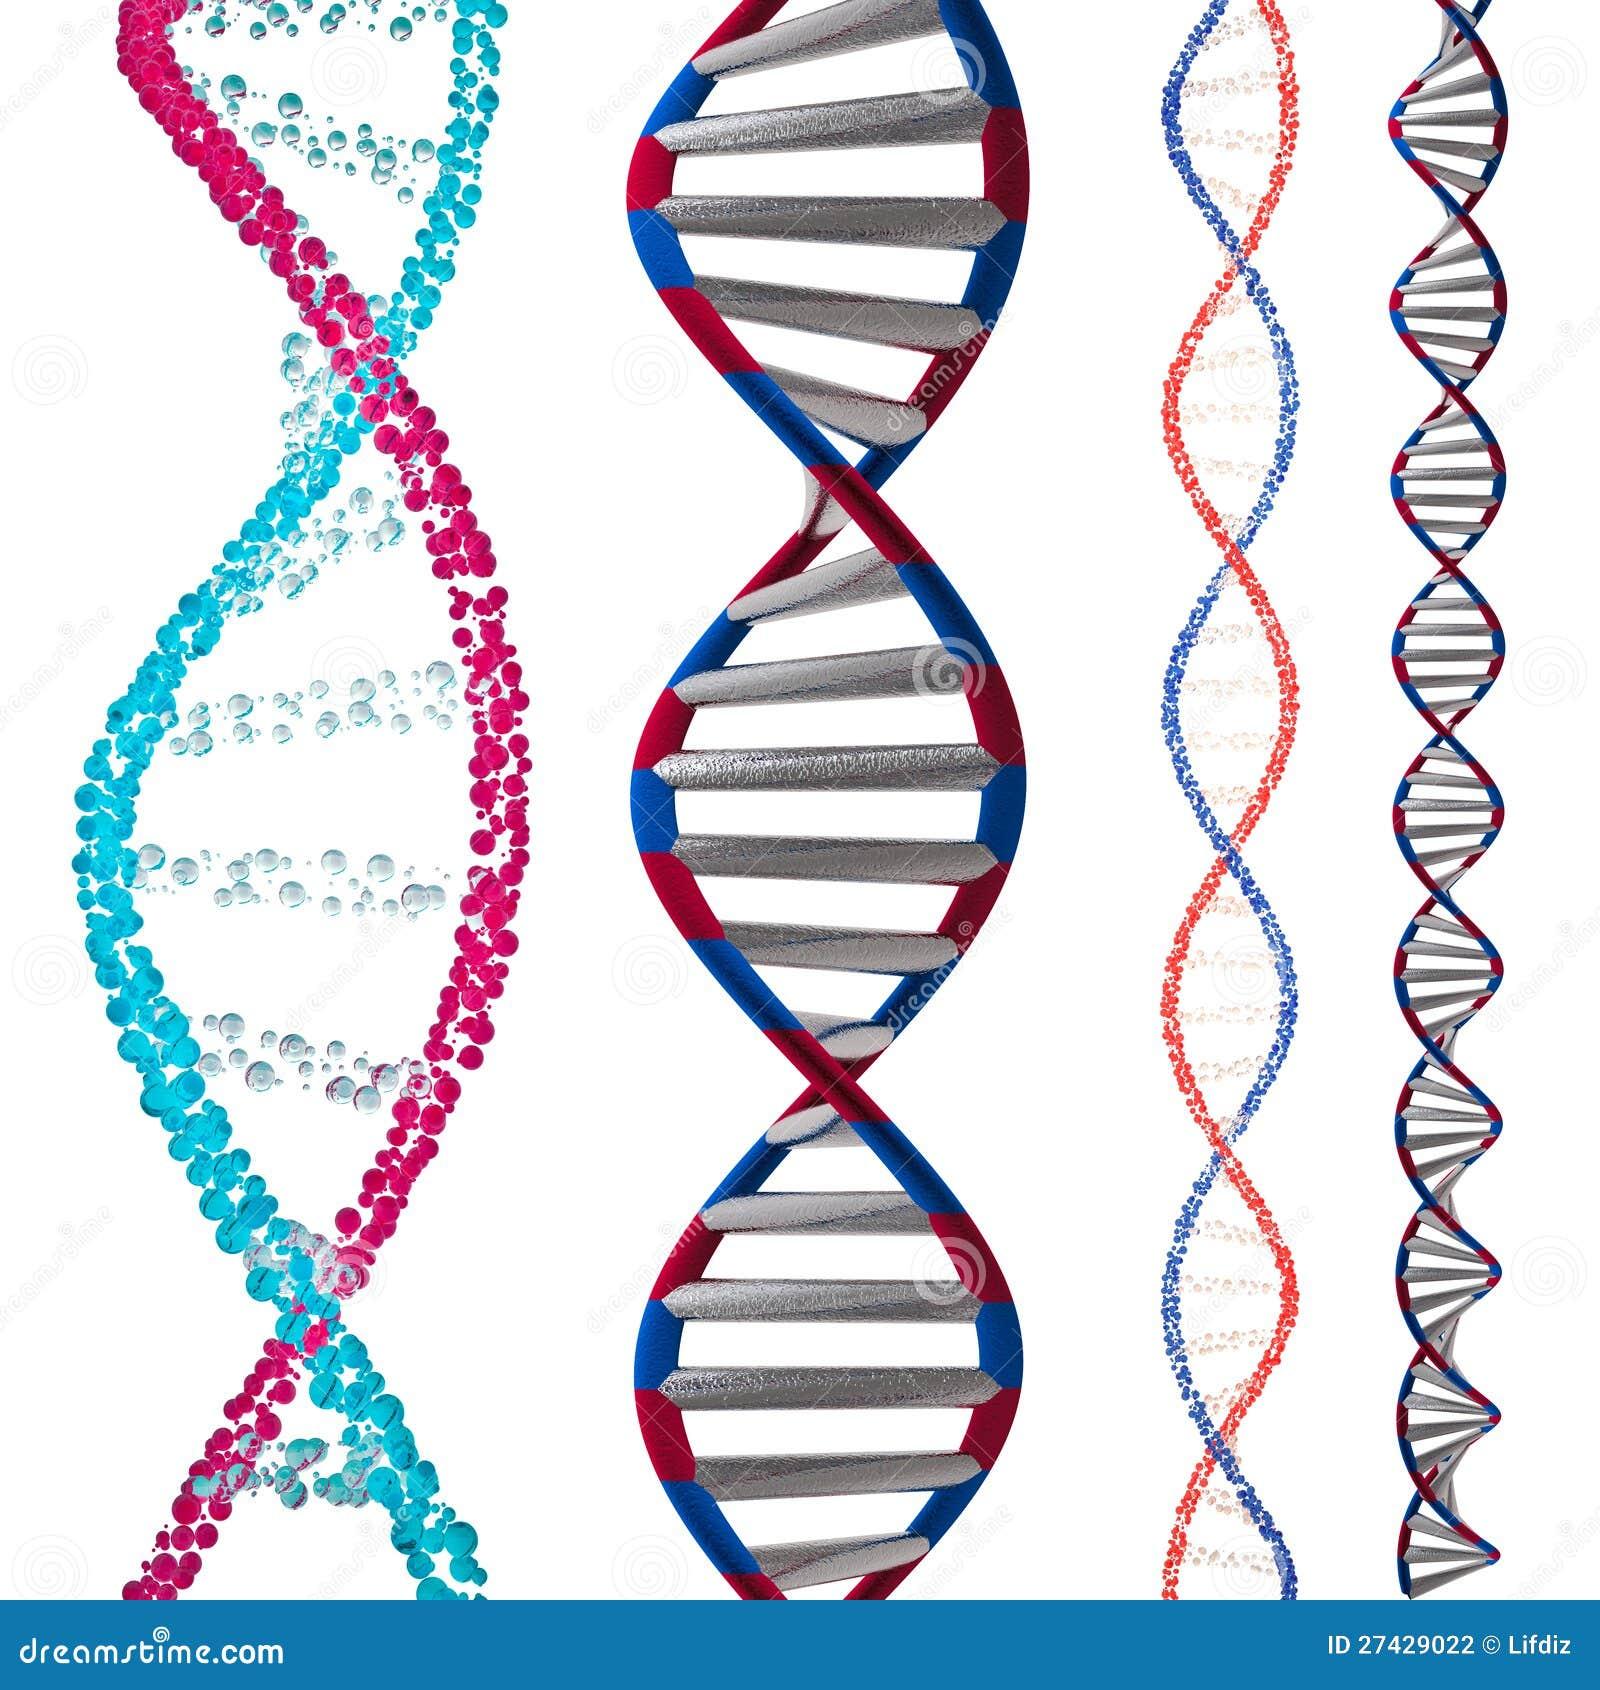 3d Model Of DNA Stock Illustration. Illustration Of Beads